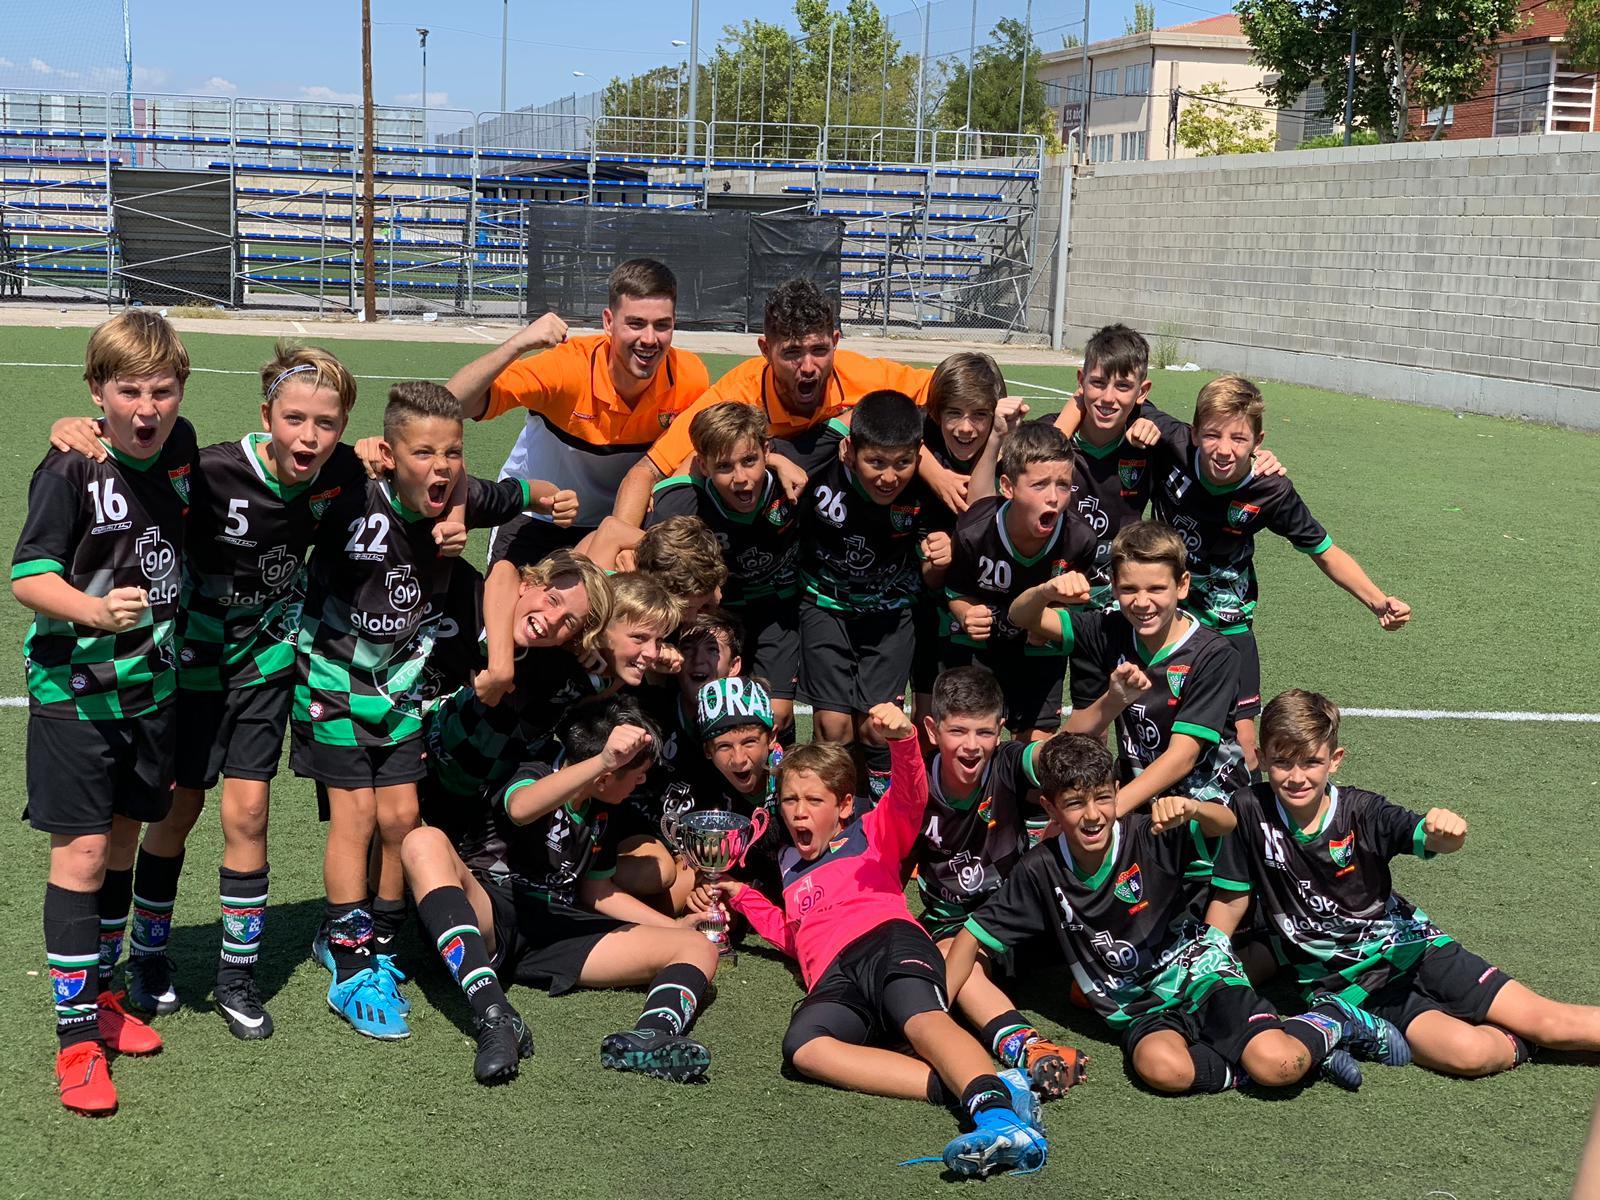 Participación de nuestros equipos en Trofeo Juanito